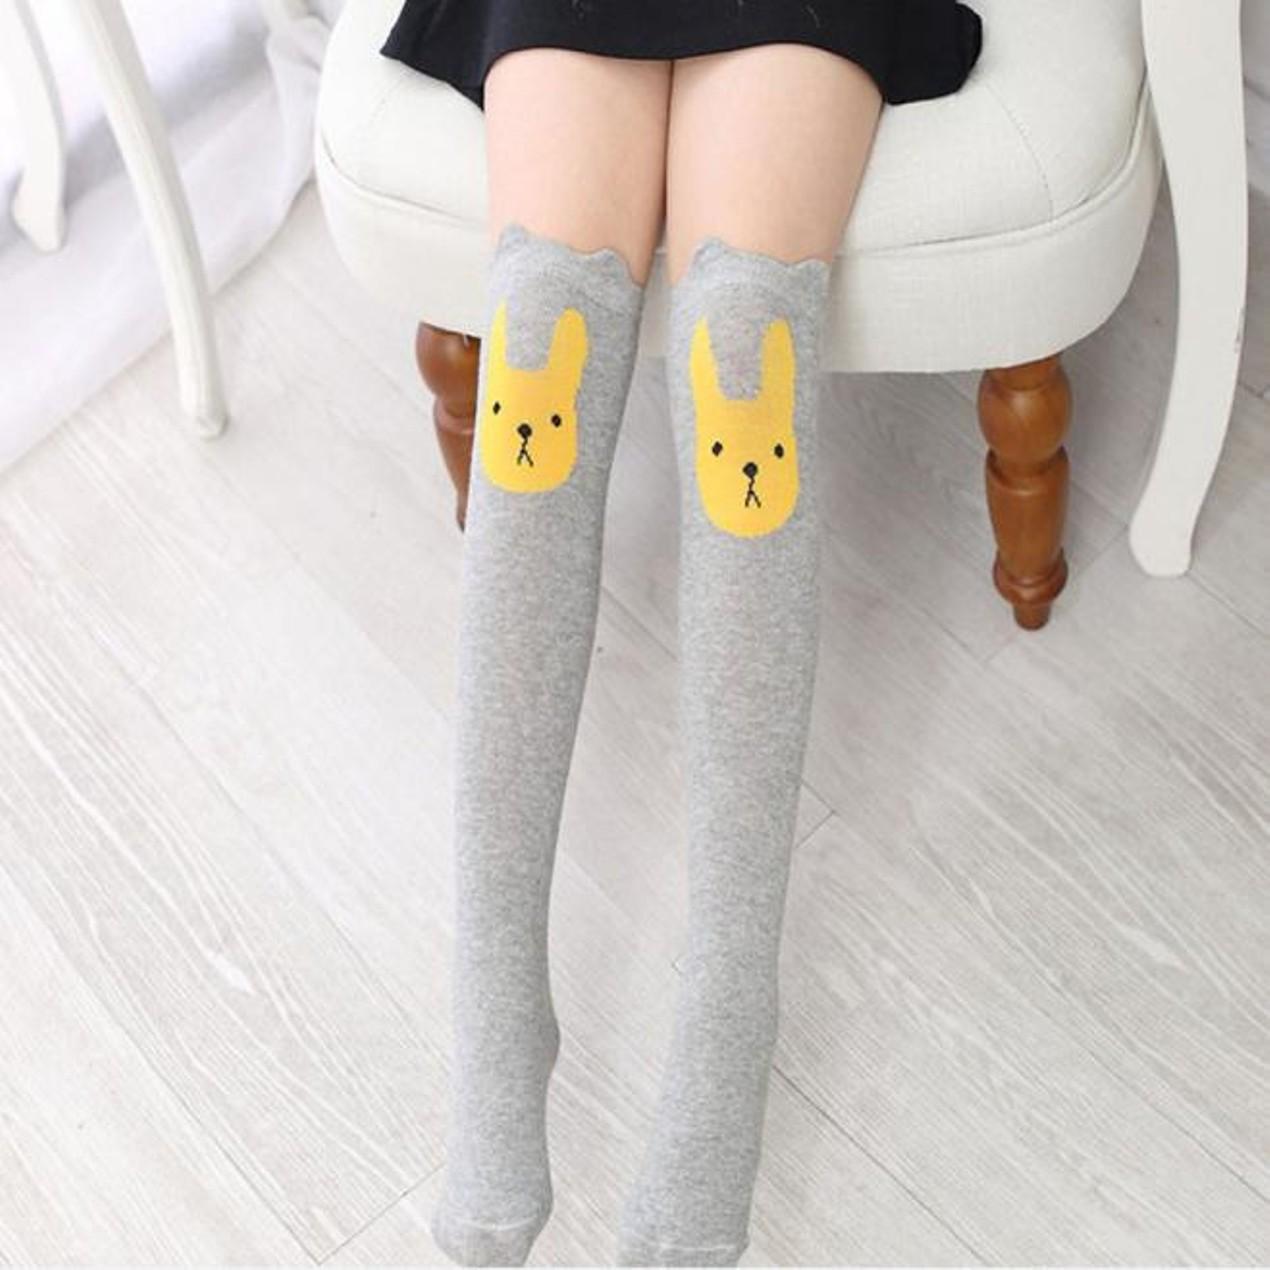 509e4d702 ... Children Kids Girl Animal Rabbit Pattern Print Knee High Socks Cute  Socks ...